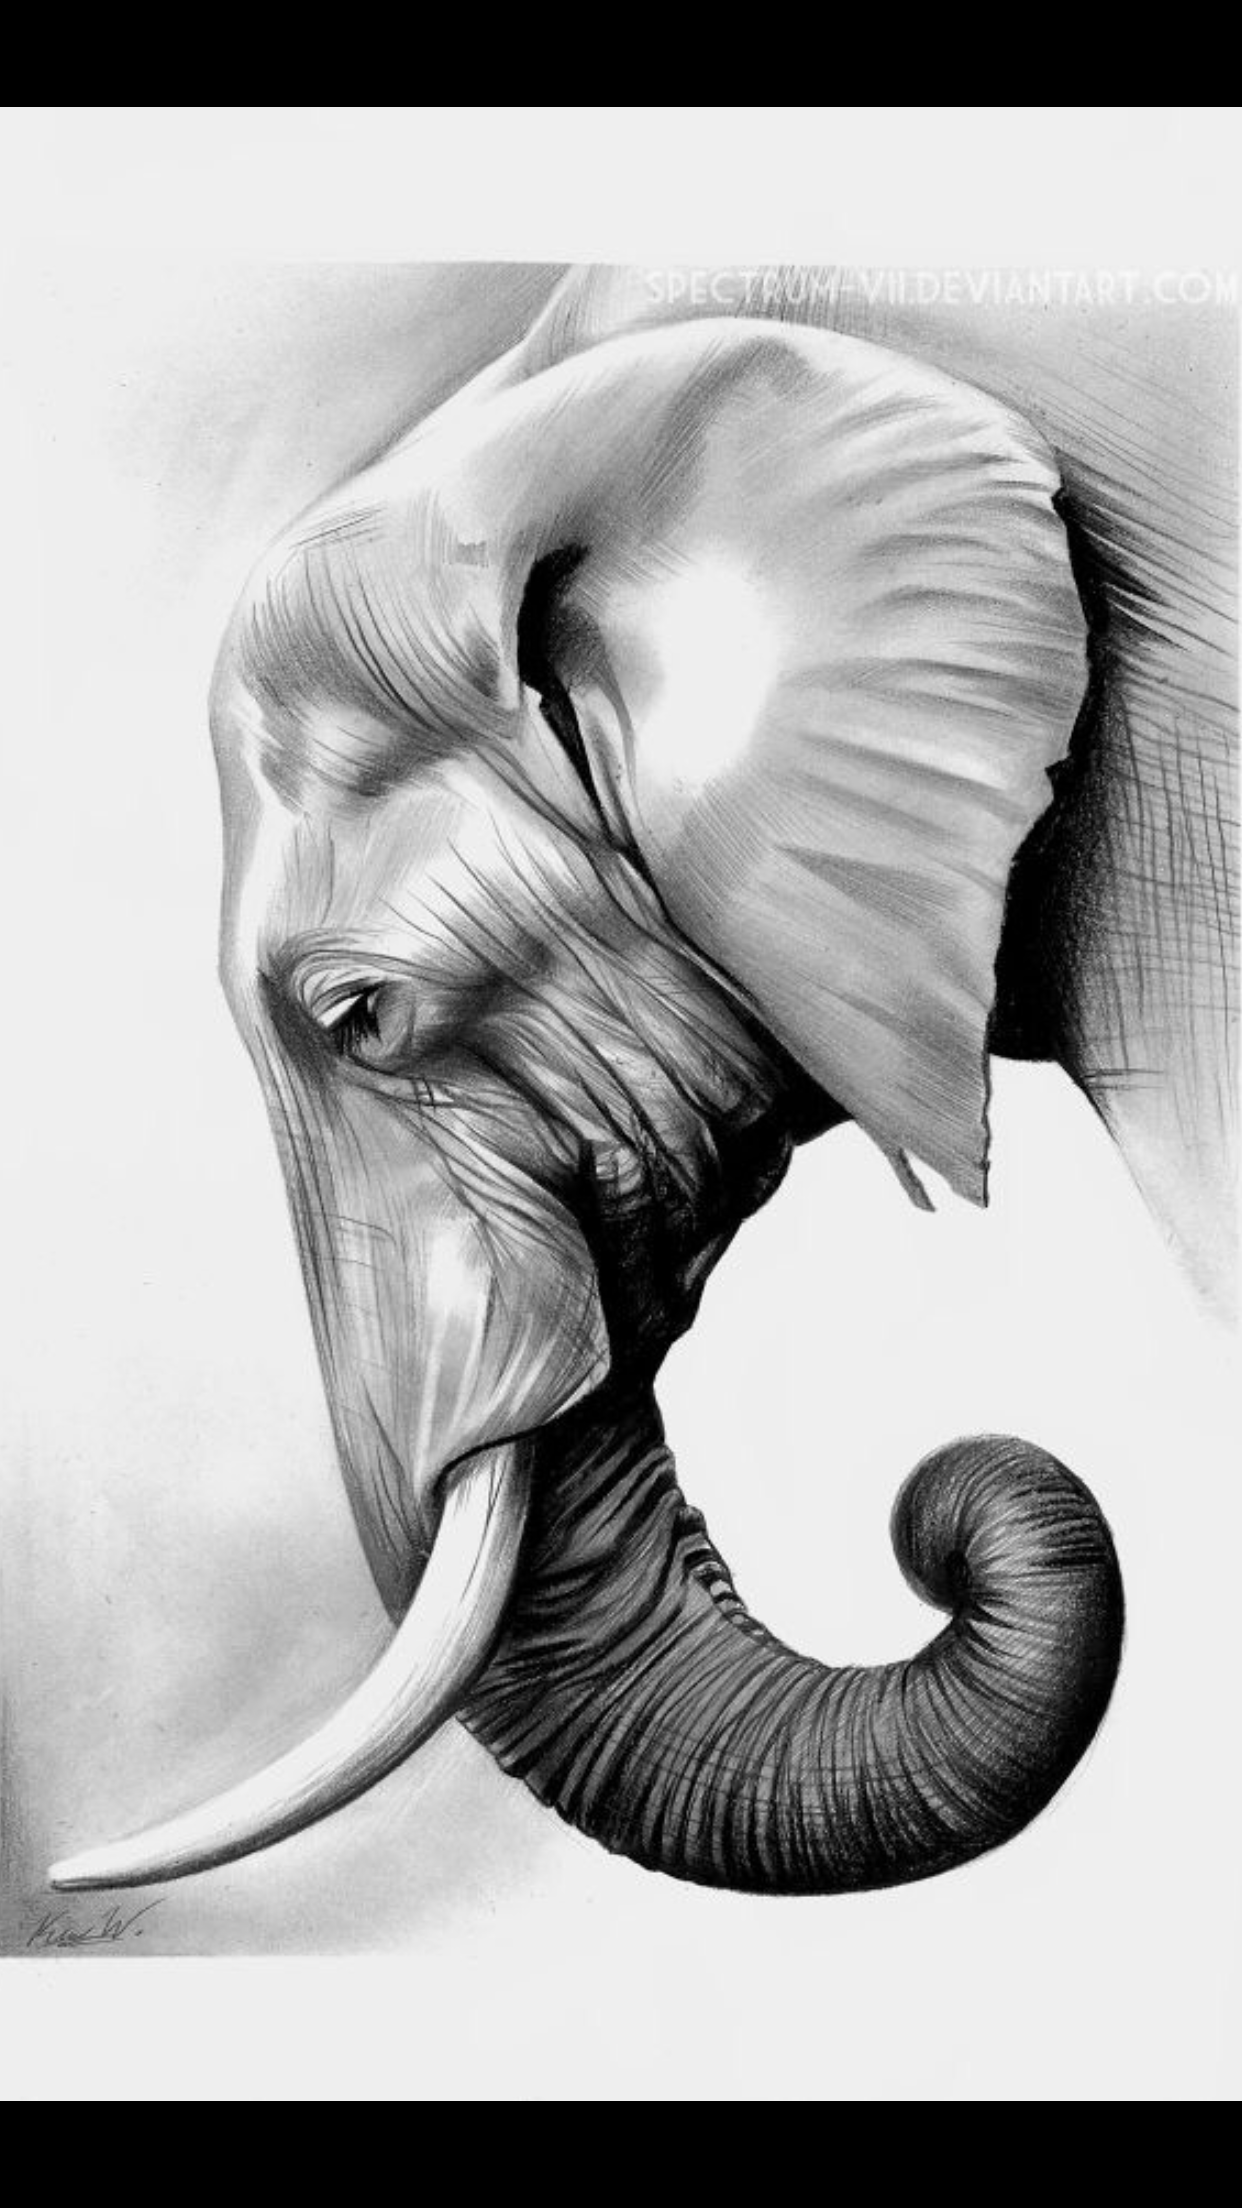 Mas Imagenes De Estos Elefantes T K Pinturas De Elefantes Dibujos De Elefantes Pintura De Elefante